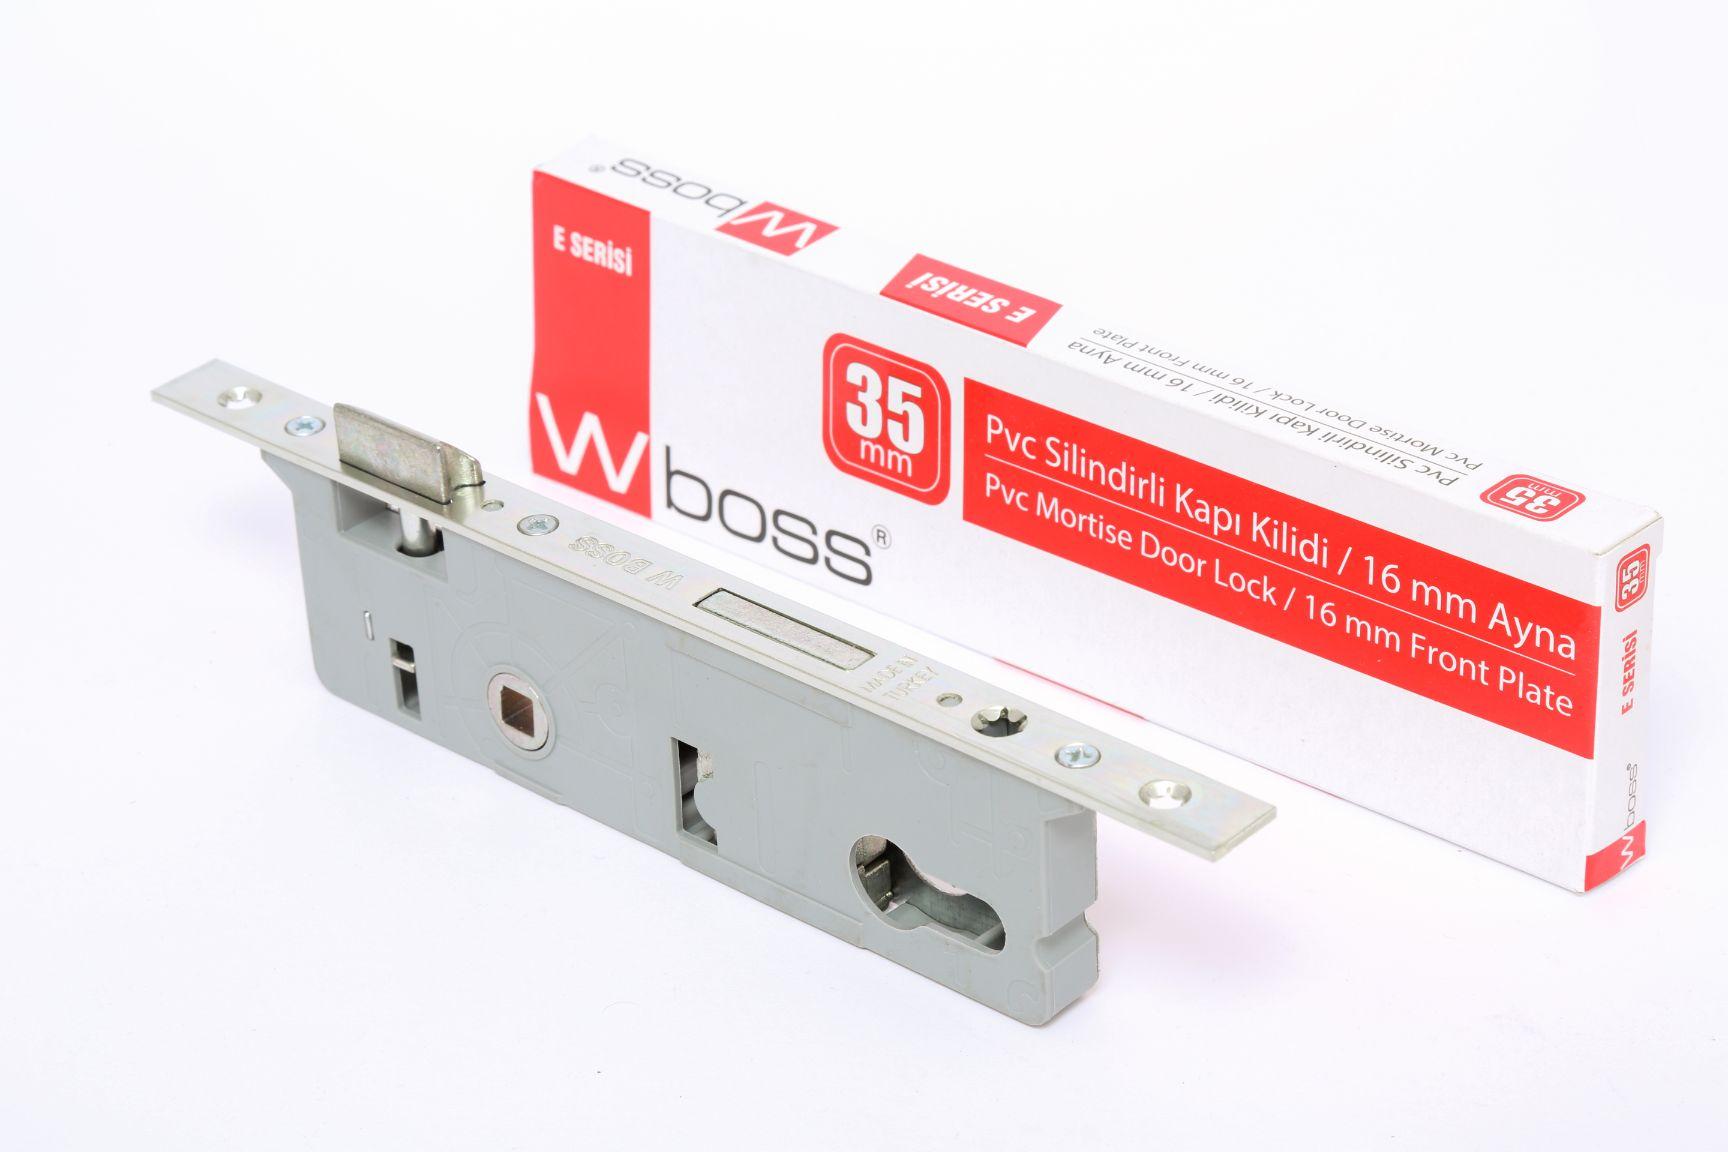 Wholesale Door Locks Suppliers In Uae